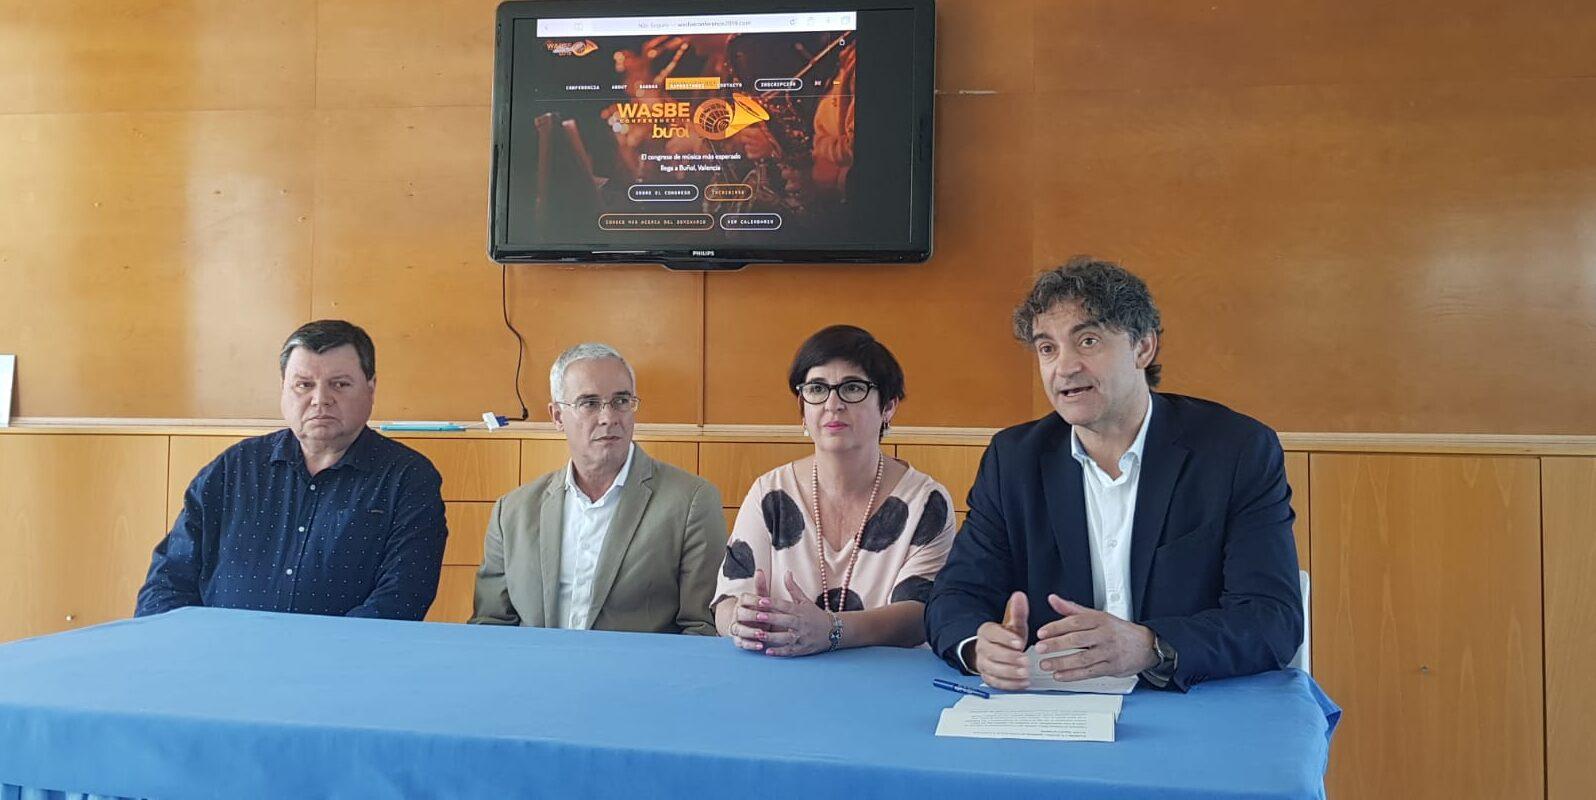 Francesc Colomer ha participado en la presentación de la Conferencia Internacional WASBE junto a la alcaldesa de Buñol y el presidente de WASBE.